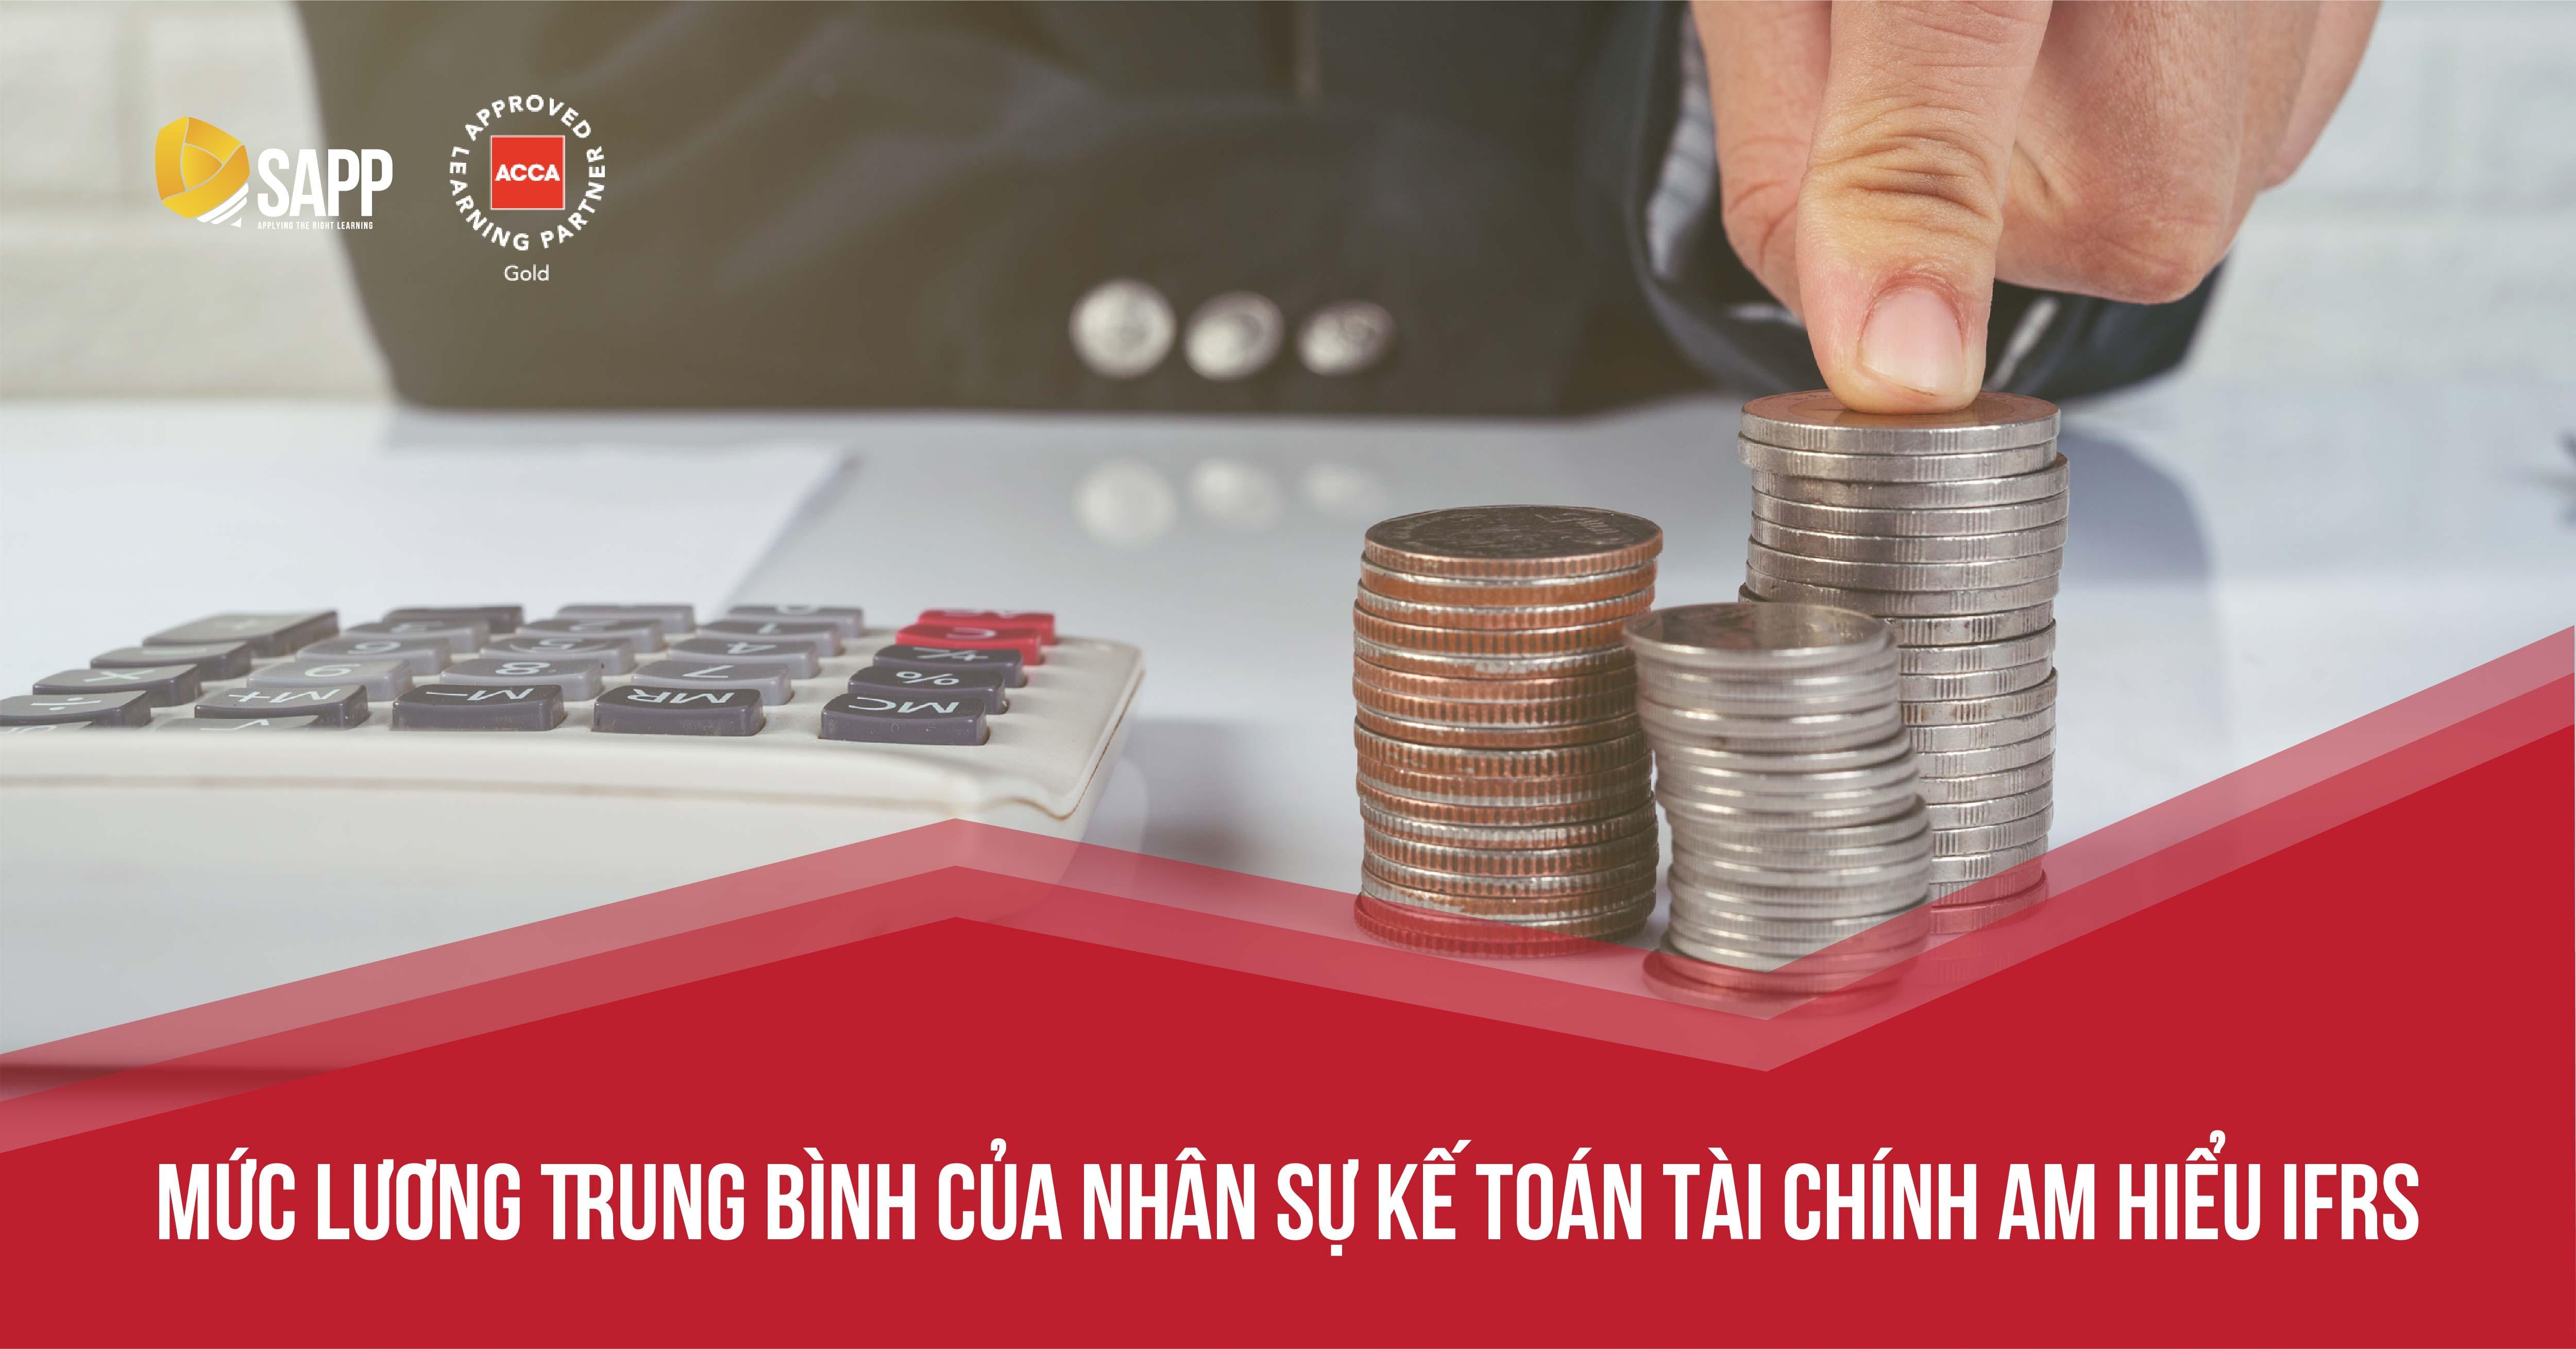 Mức lương trung bình của nhân sự Kế toán Tài chính am hiểu IFRS